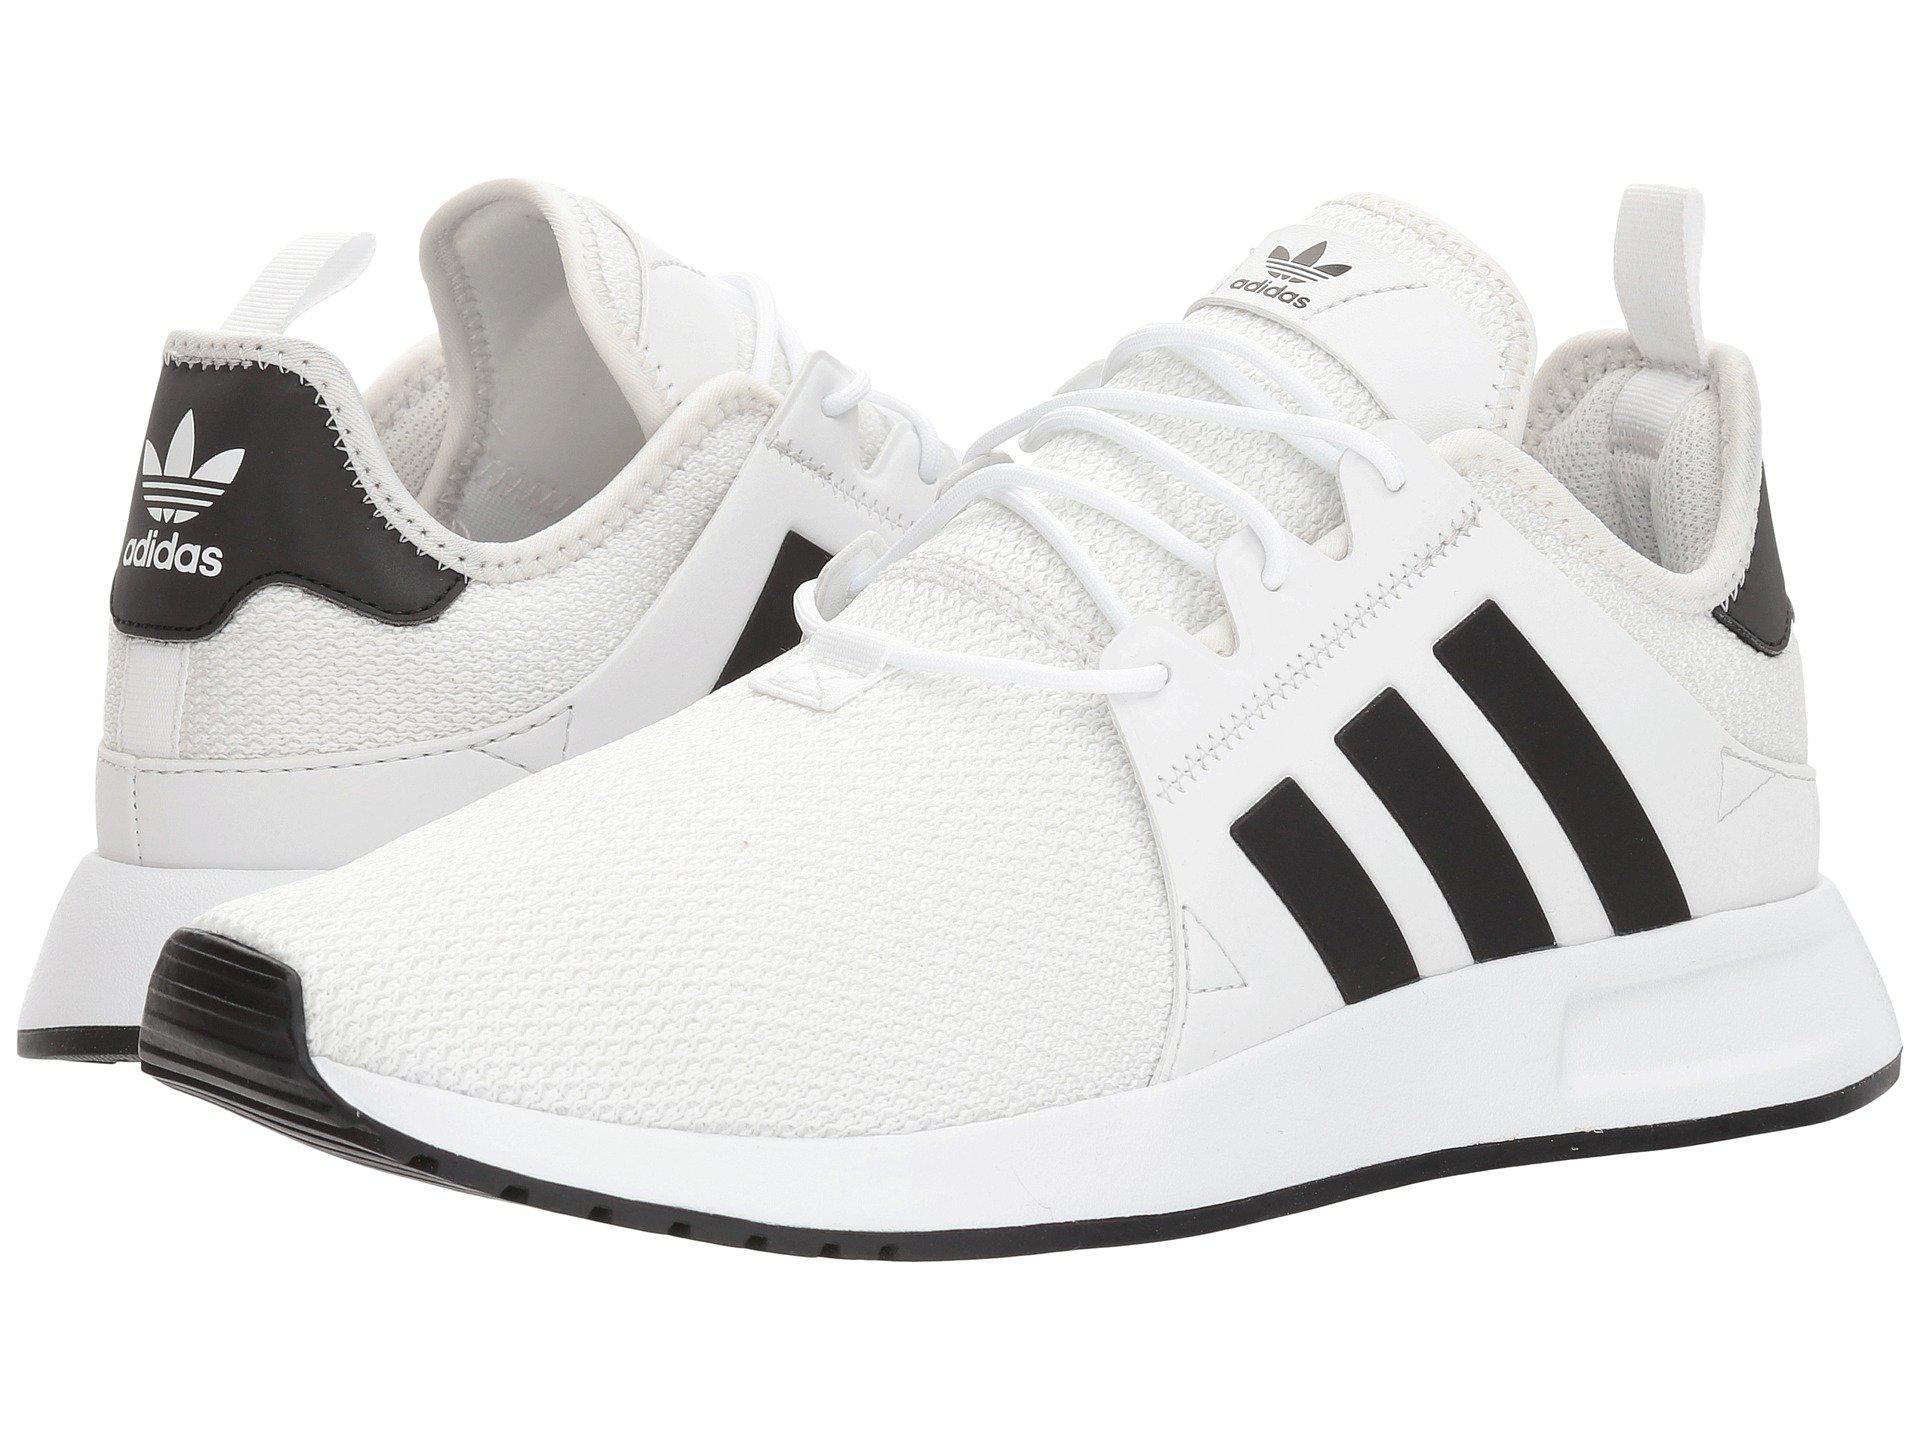 half off 86ad8 7b1d7 adidas Originals. X Plr ...